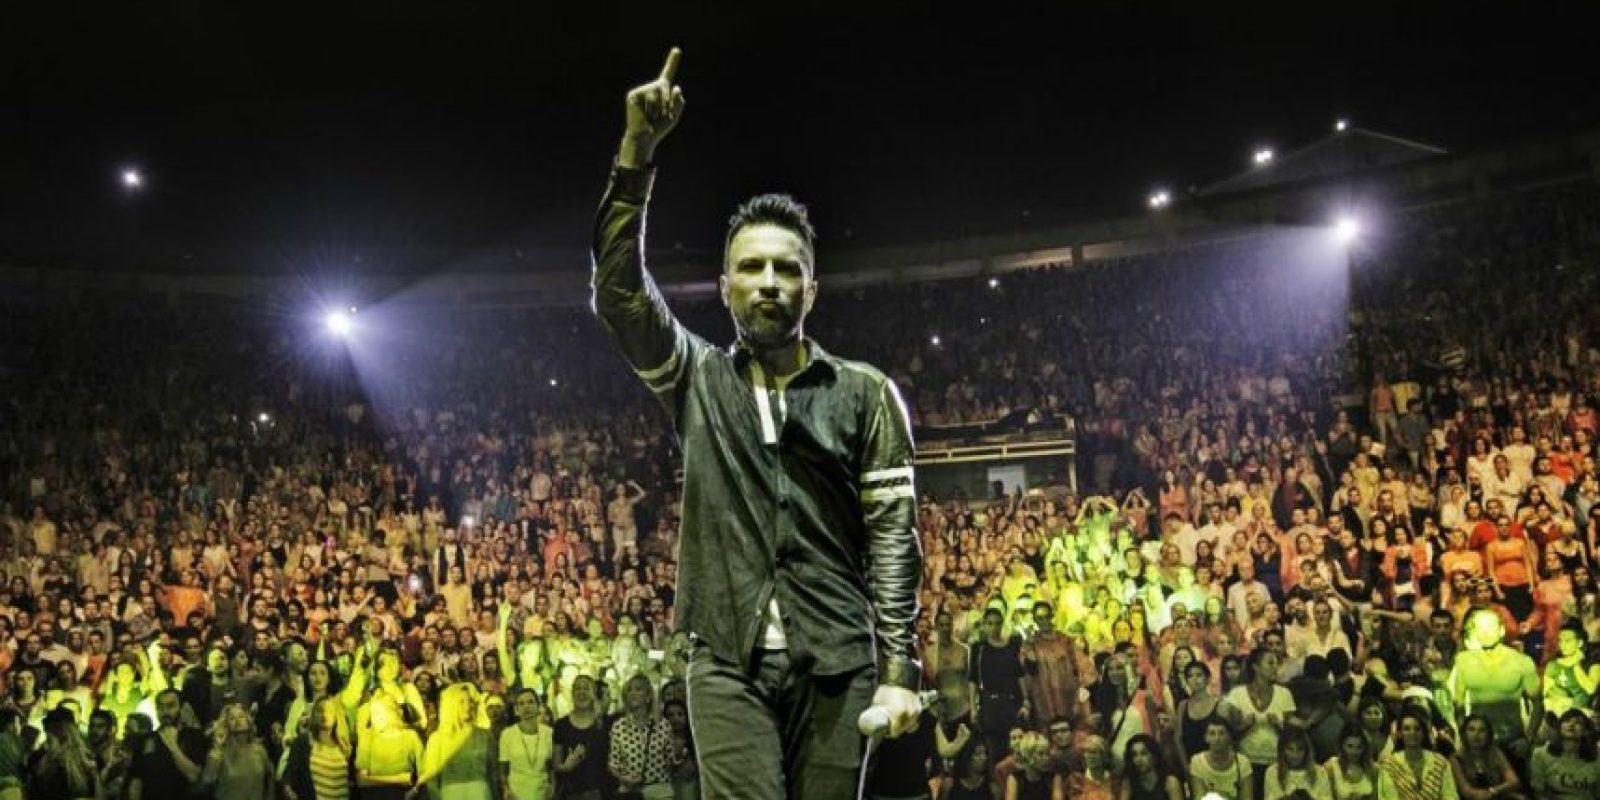 """El cantante es conocido como """"El príncipe del Pop turco"""". En Turquía continúa con su éxito Foto:Vía tarkan.com"""